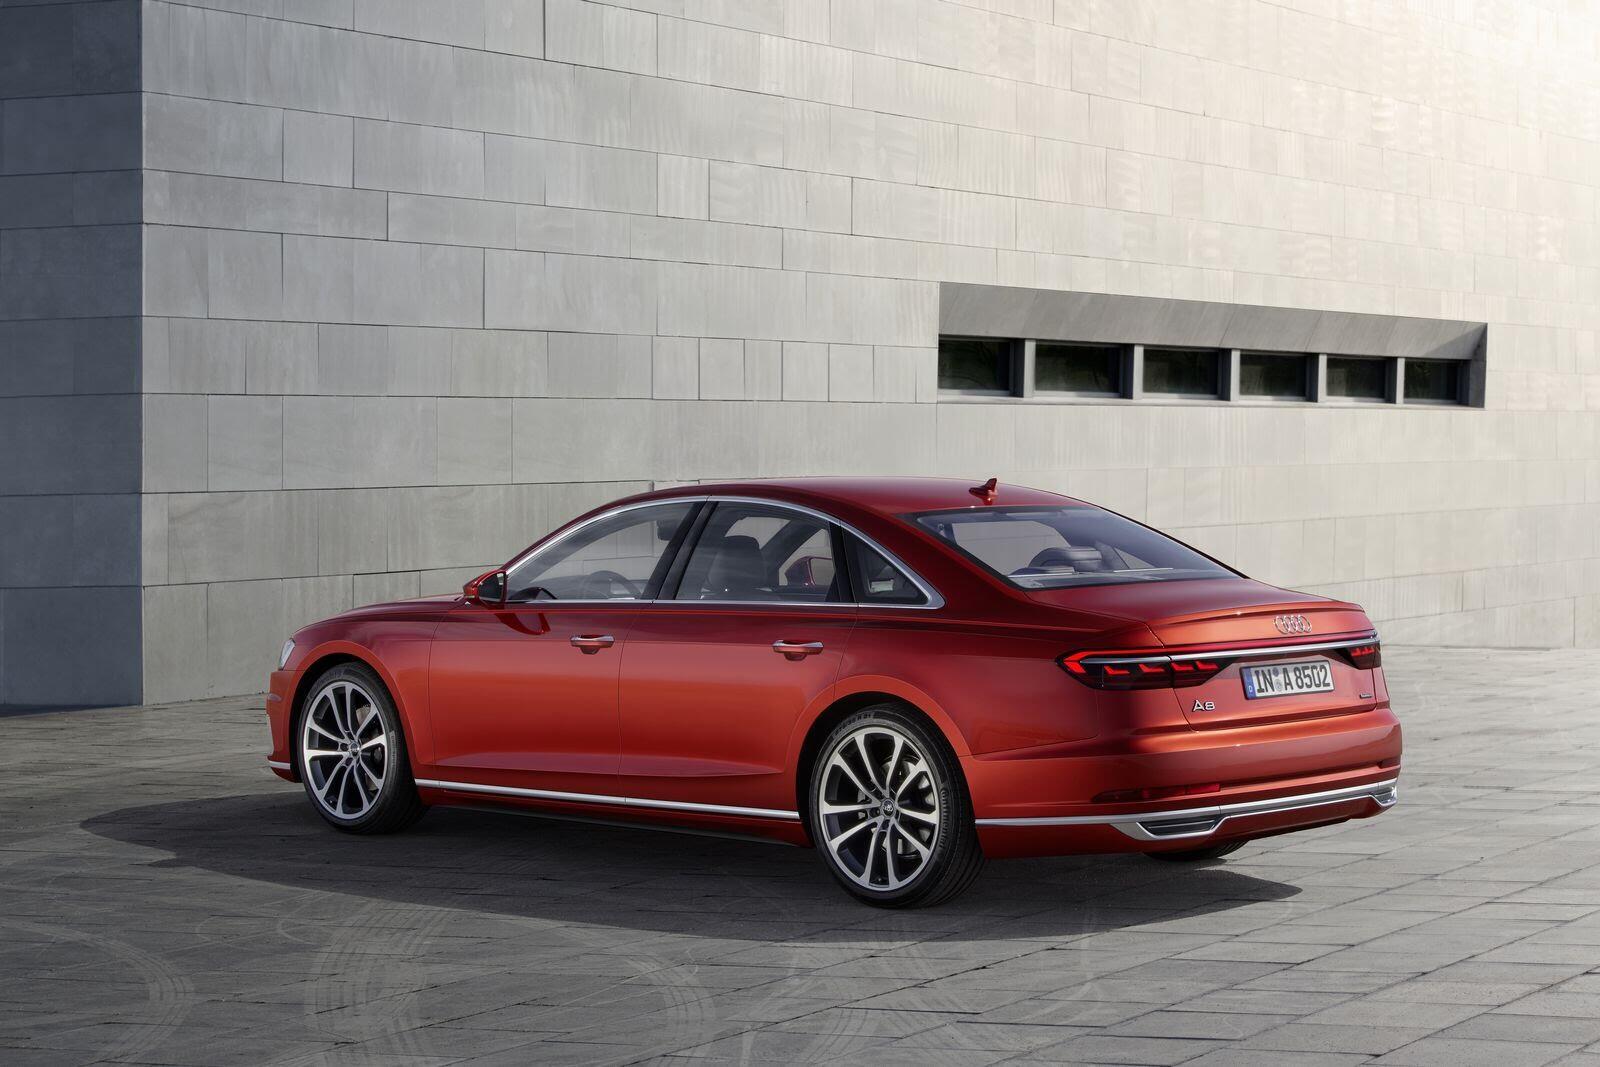 Audi A8 hoàn toàn mới chính thức ra mắt với đầy ắp công nghệ - Hình 22